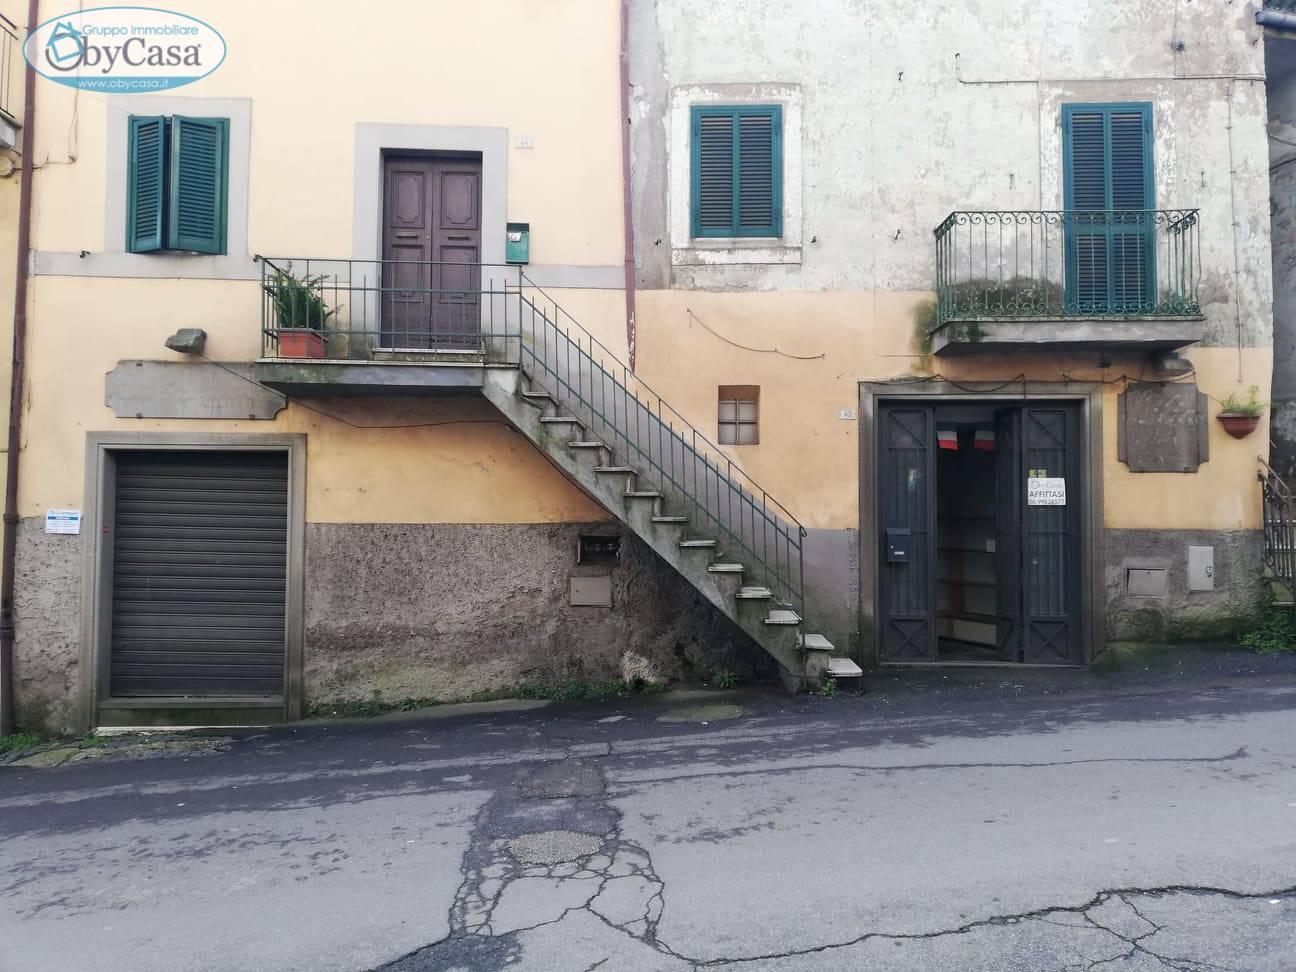 Negozio / Locale in affitto a Bassano Romano, 9999 locali, zona Località: bassanoromano, prezzo € 300 | CambioCasa.it